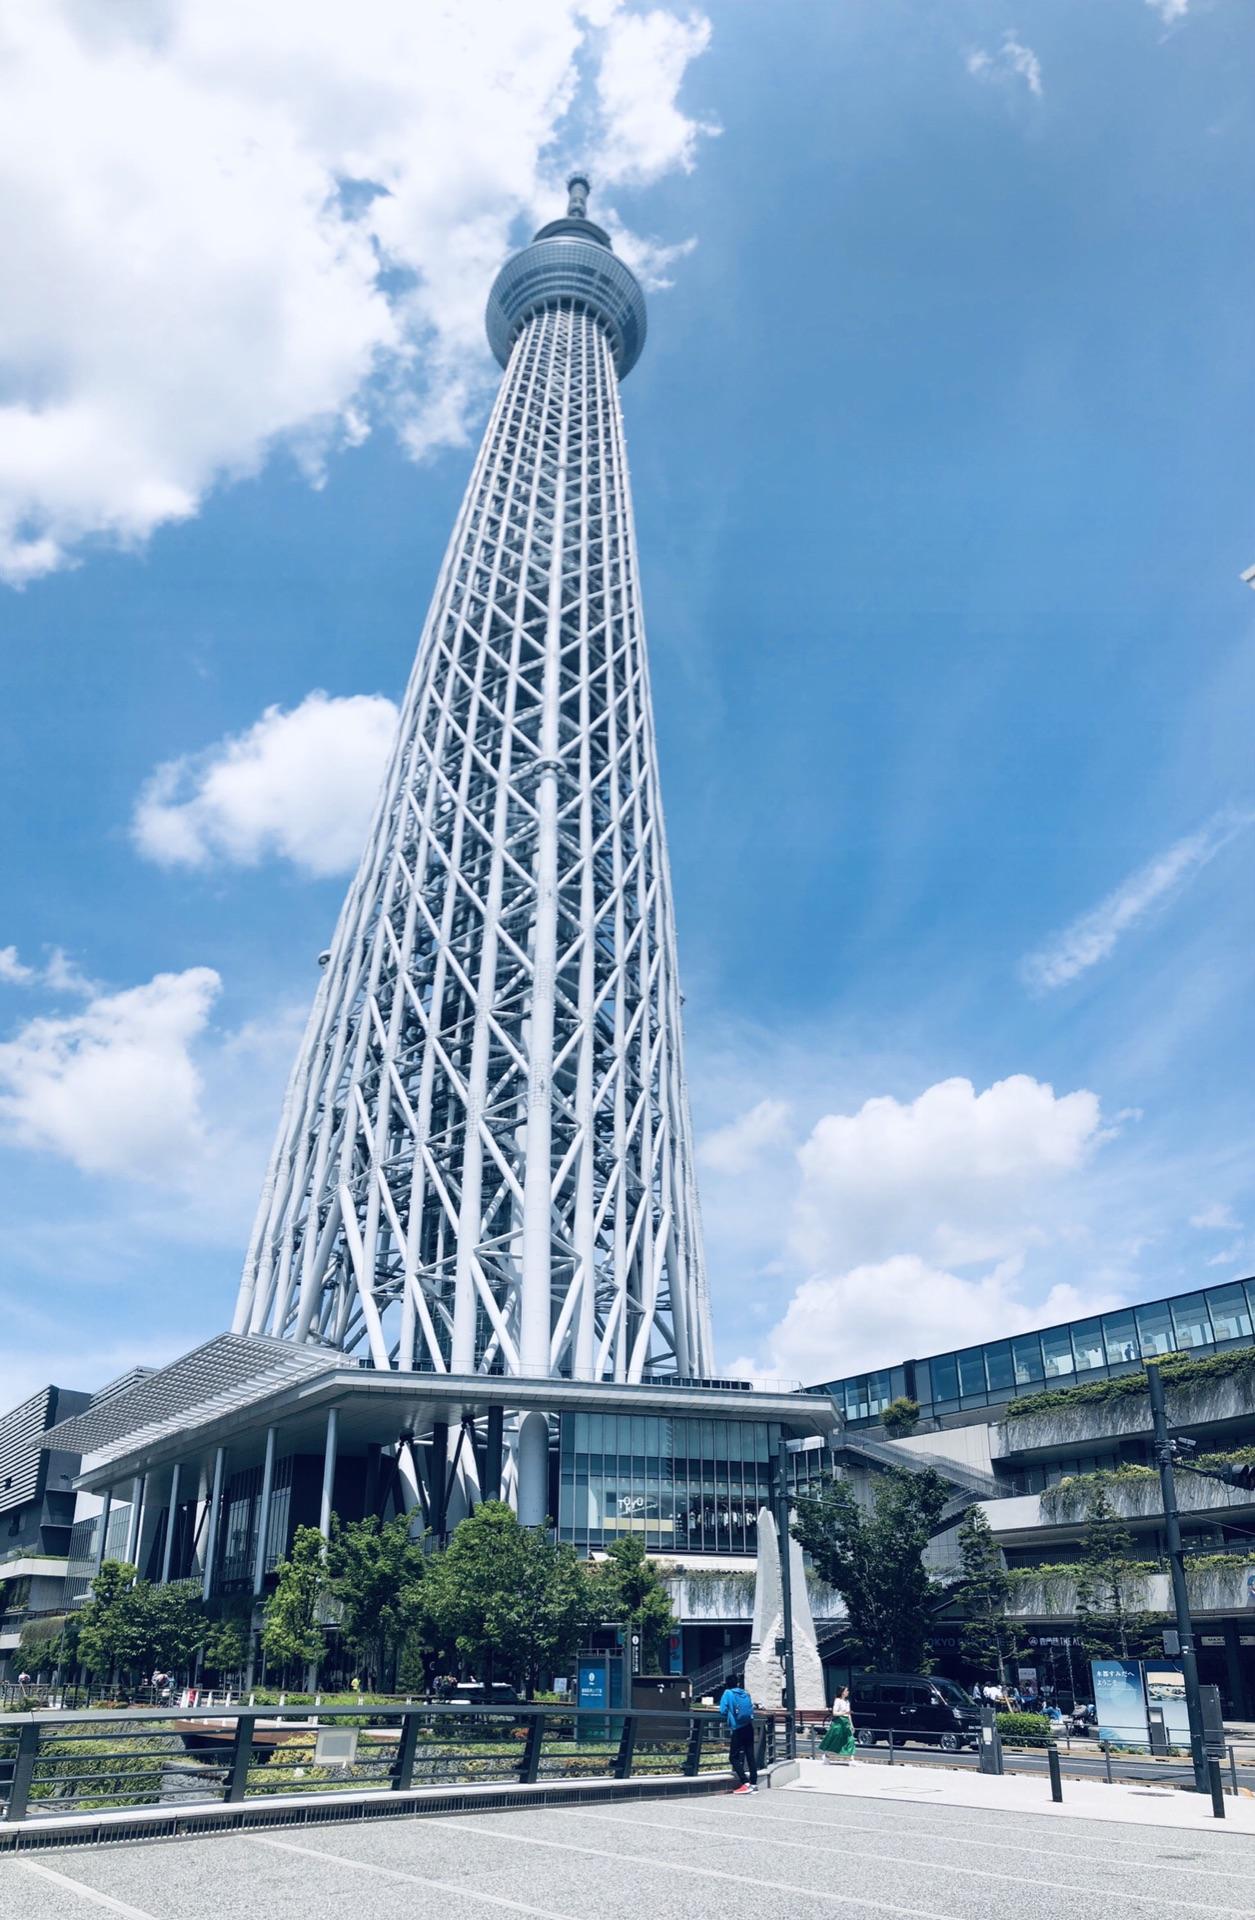 晴空塔-秋叶原-阿美横町-上野公园里的博物馆